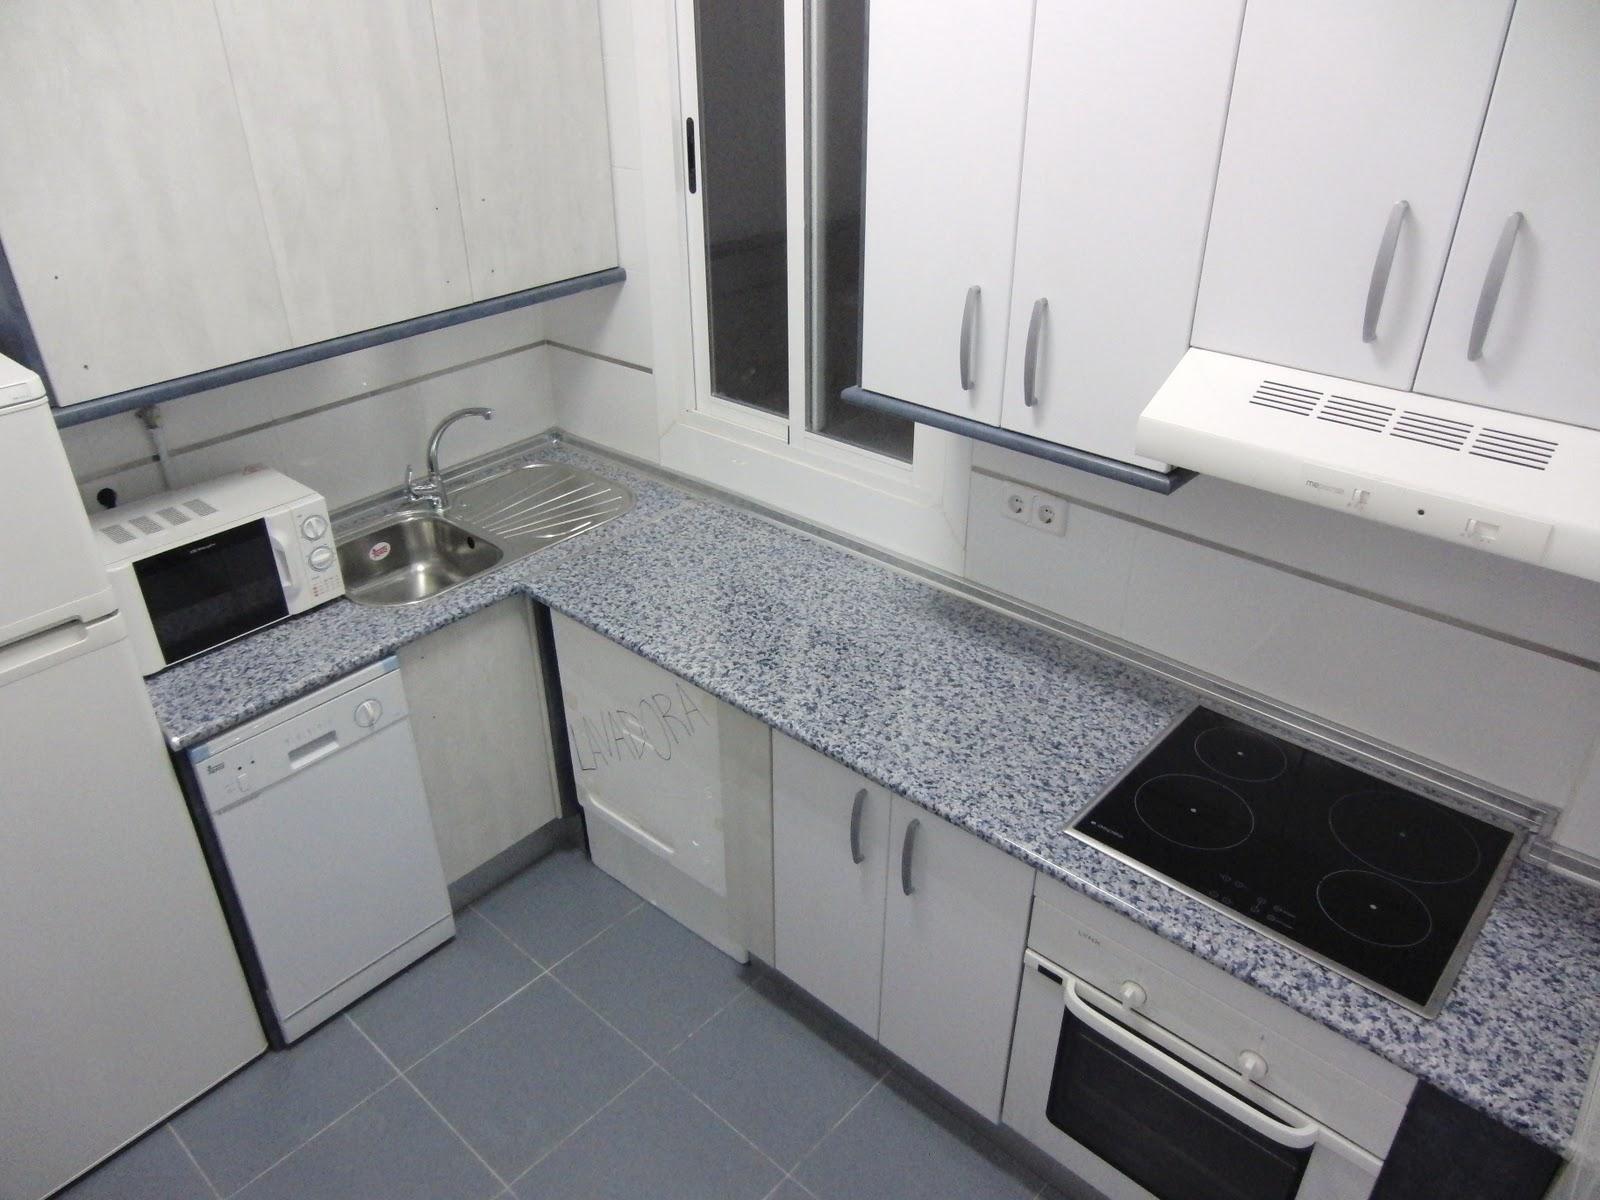 Piso Madrid 3hab. Zona Manuel Becerra-Goya: Cocina y baño